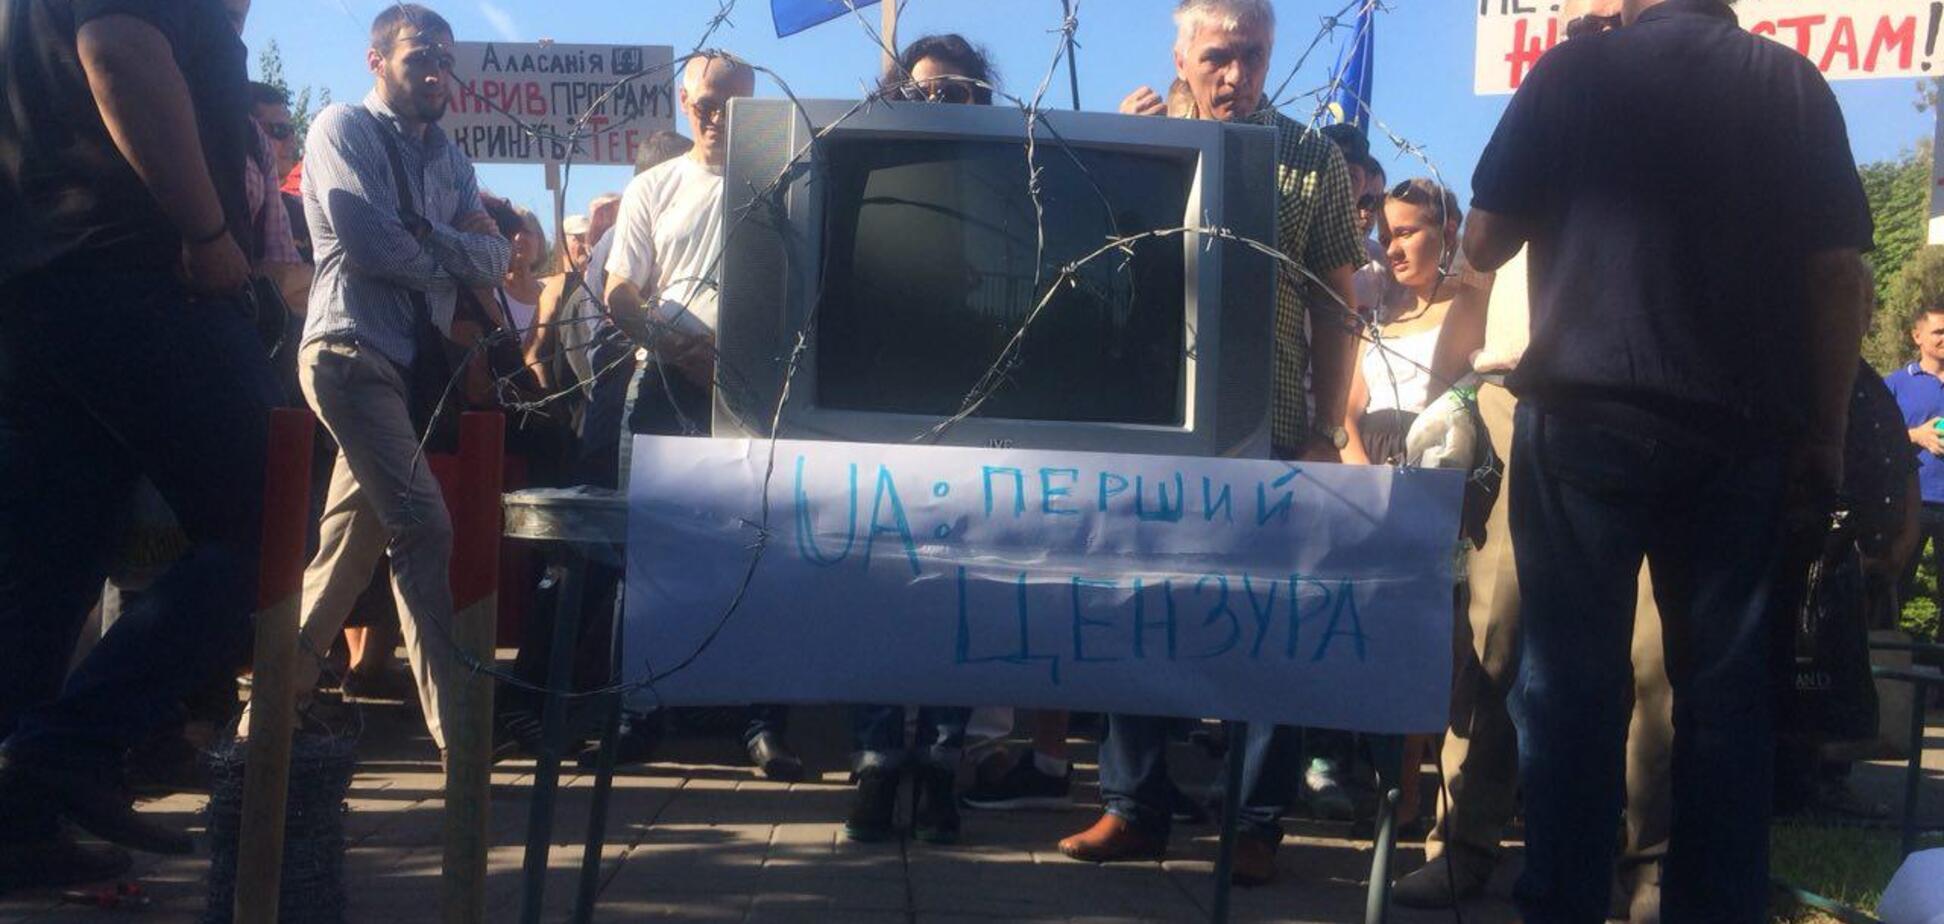 Кілька сотень активістів із кувалдою вимагали відправити у відставку Аласанію